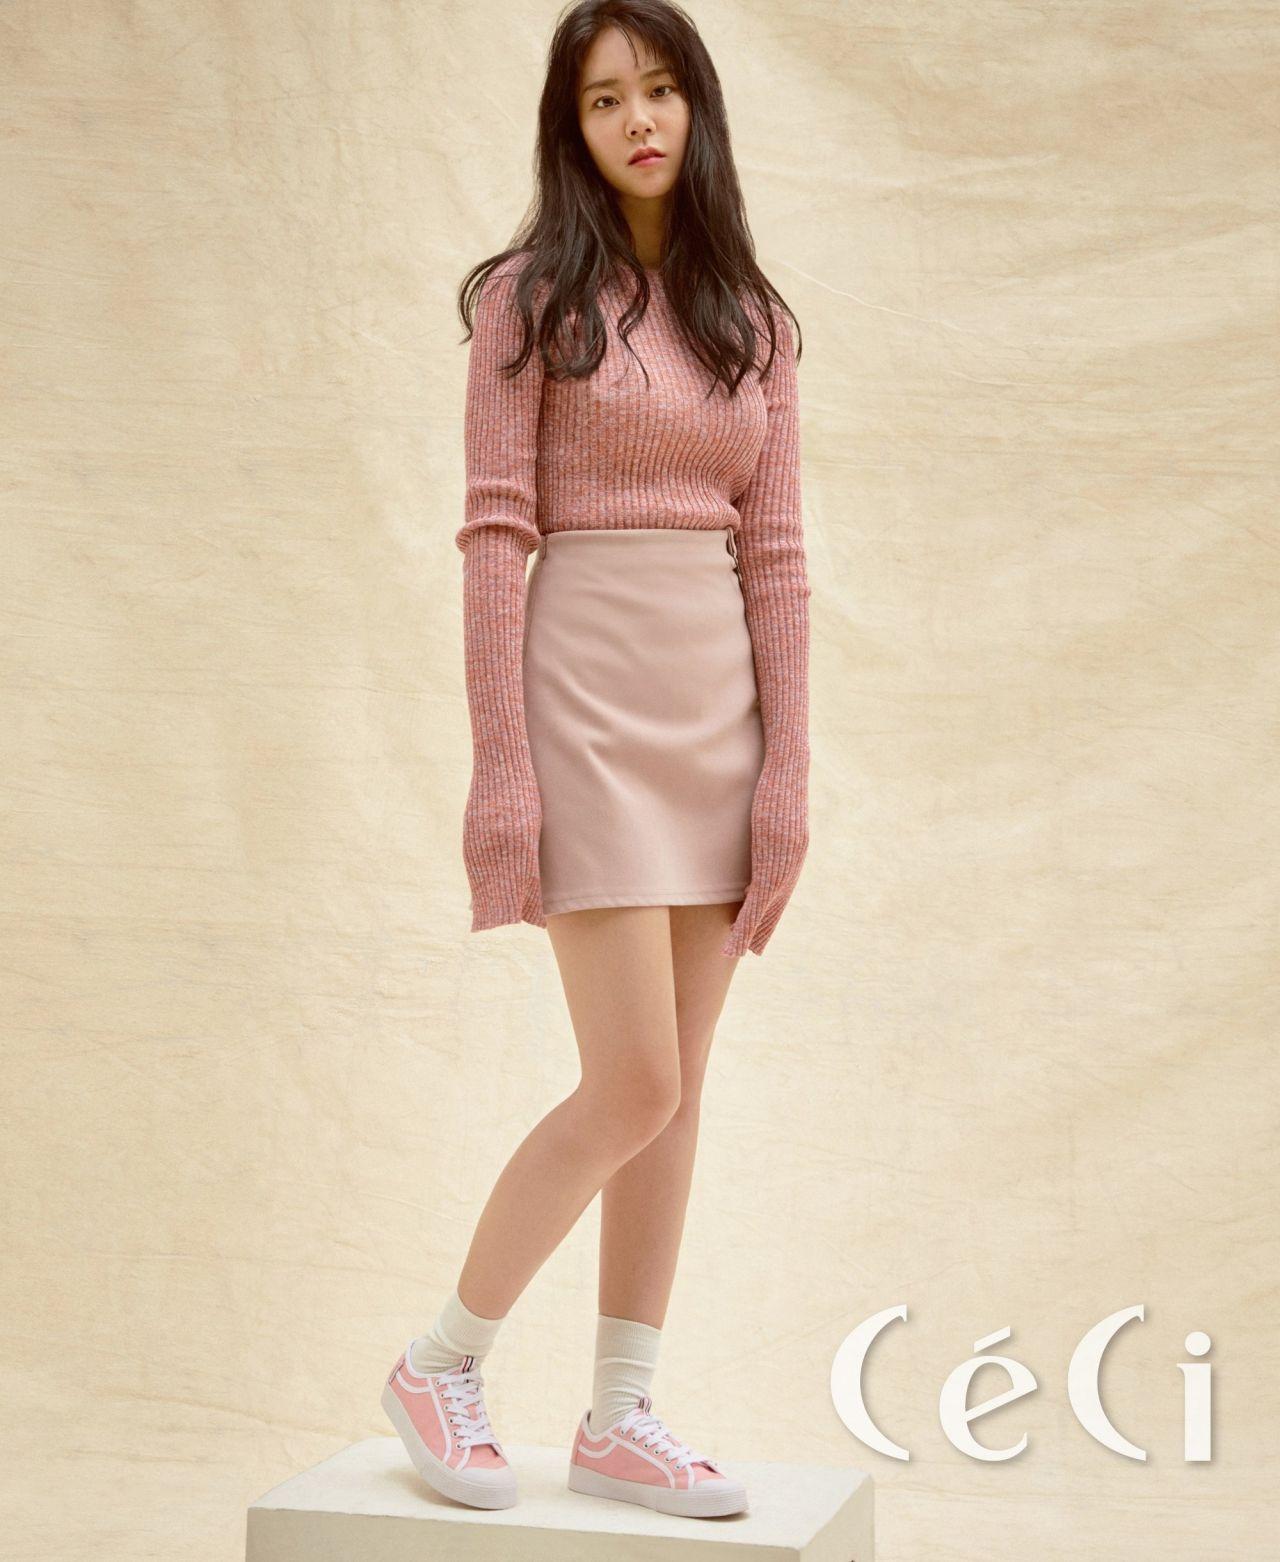 Han Seung Yeon Ceci Magazine September 2017